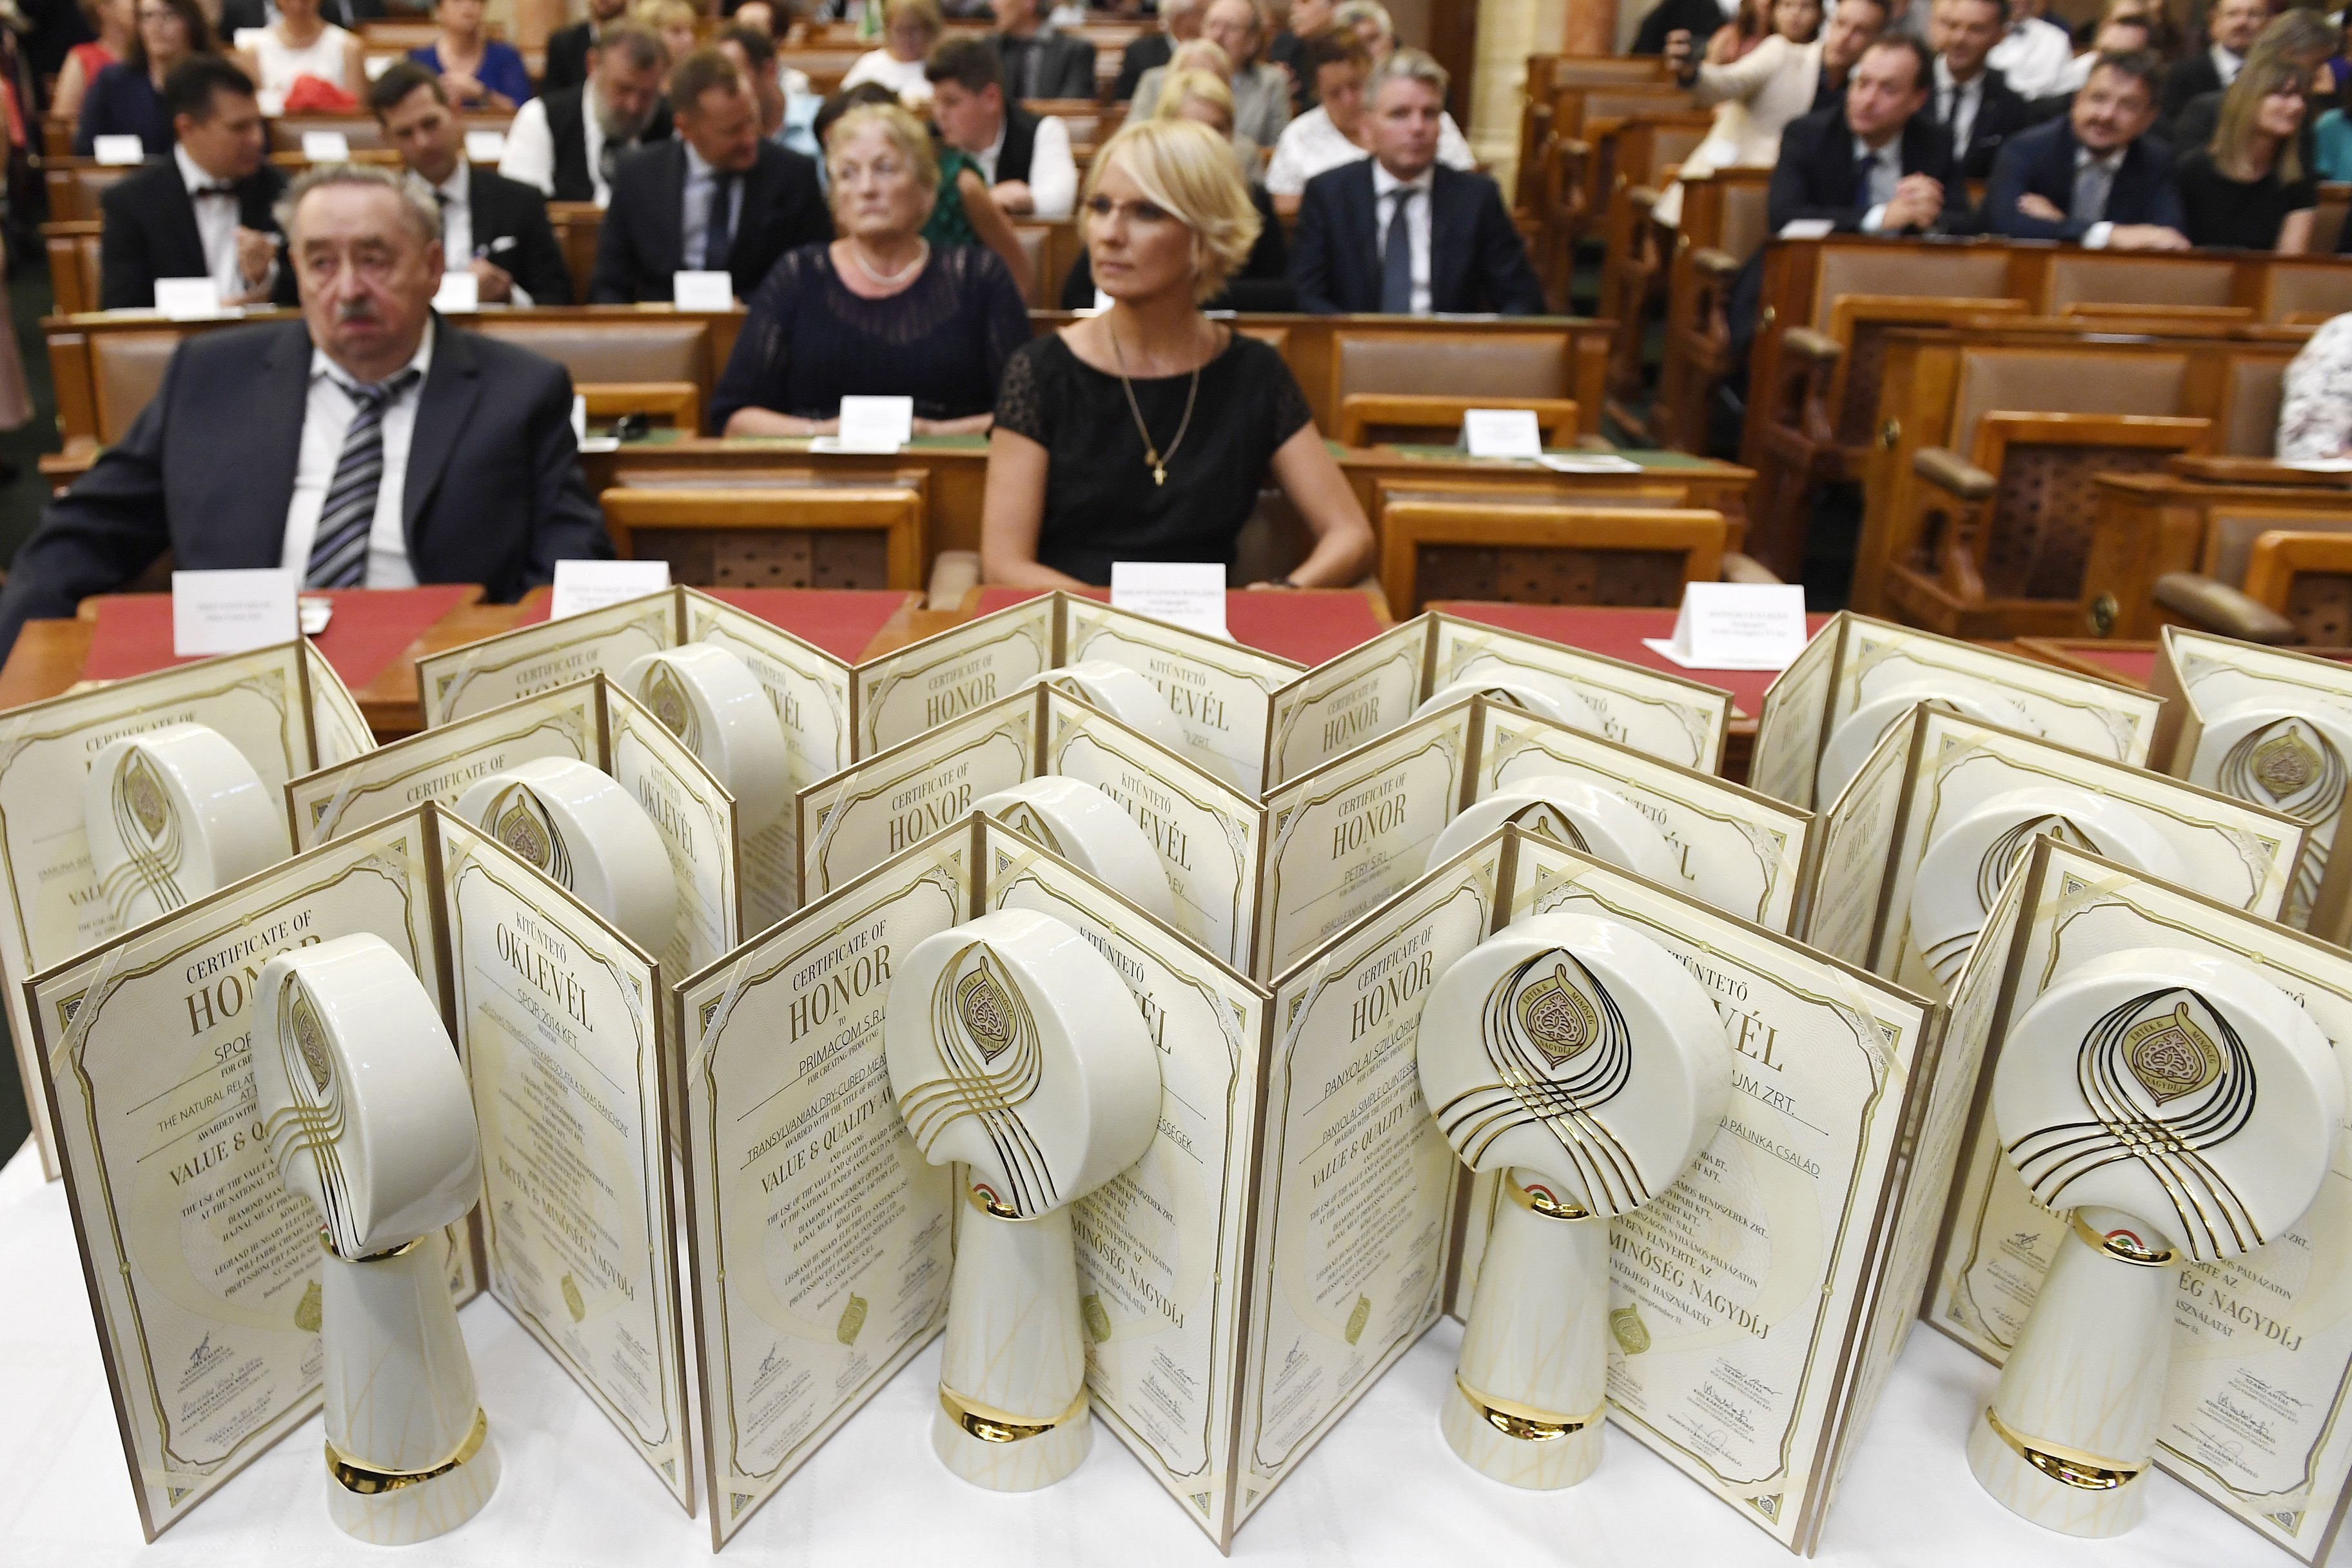 A közmédia, a TV2 és a világszínvonalú ECHO TV is nívódíjat kapott a Parlamentben